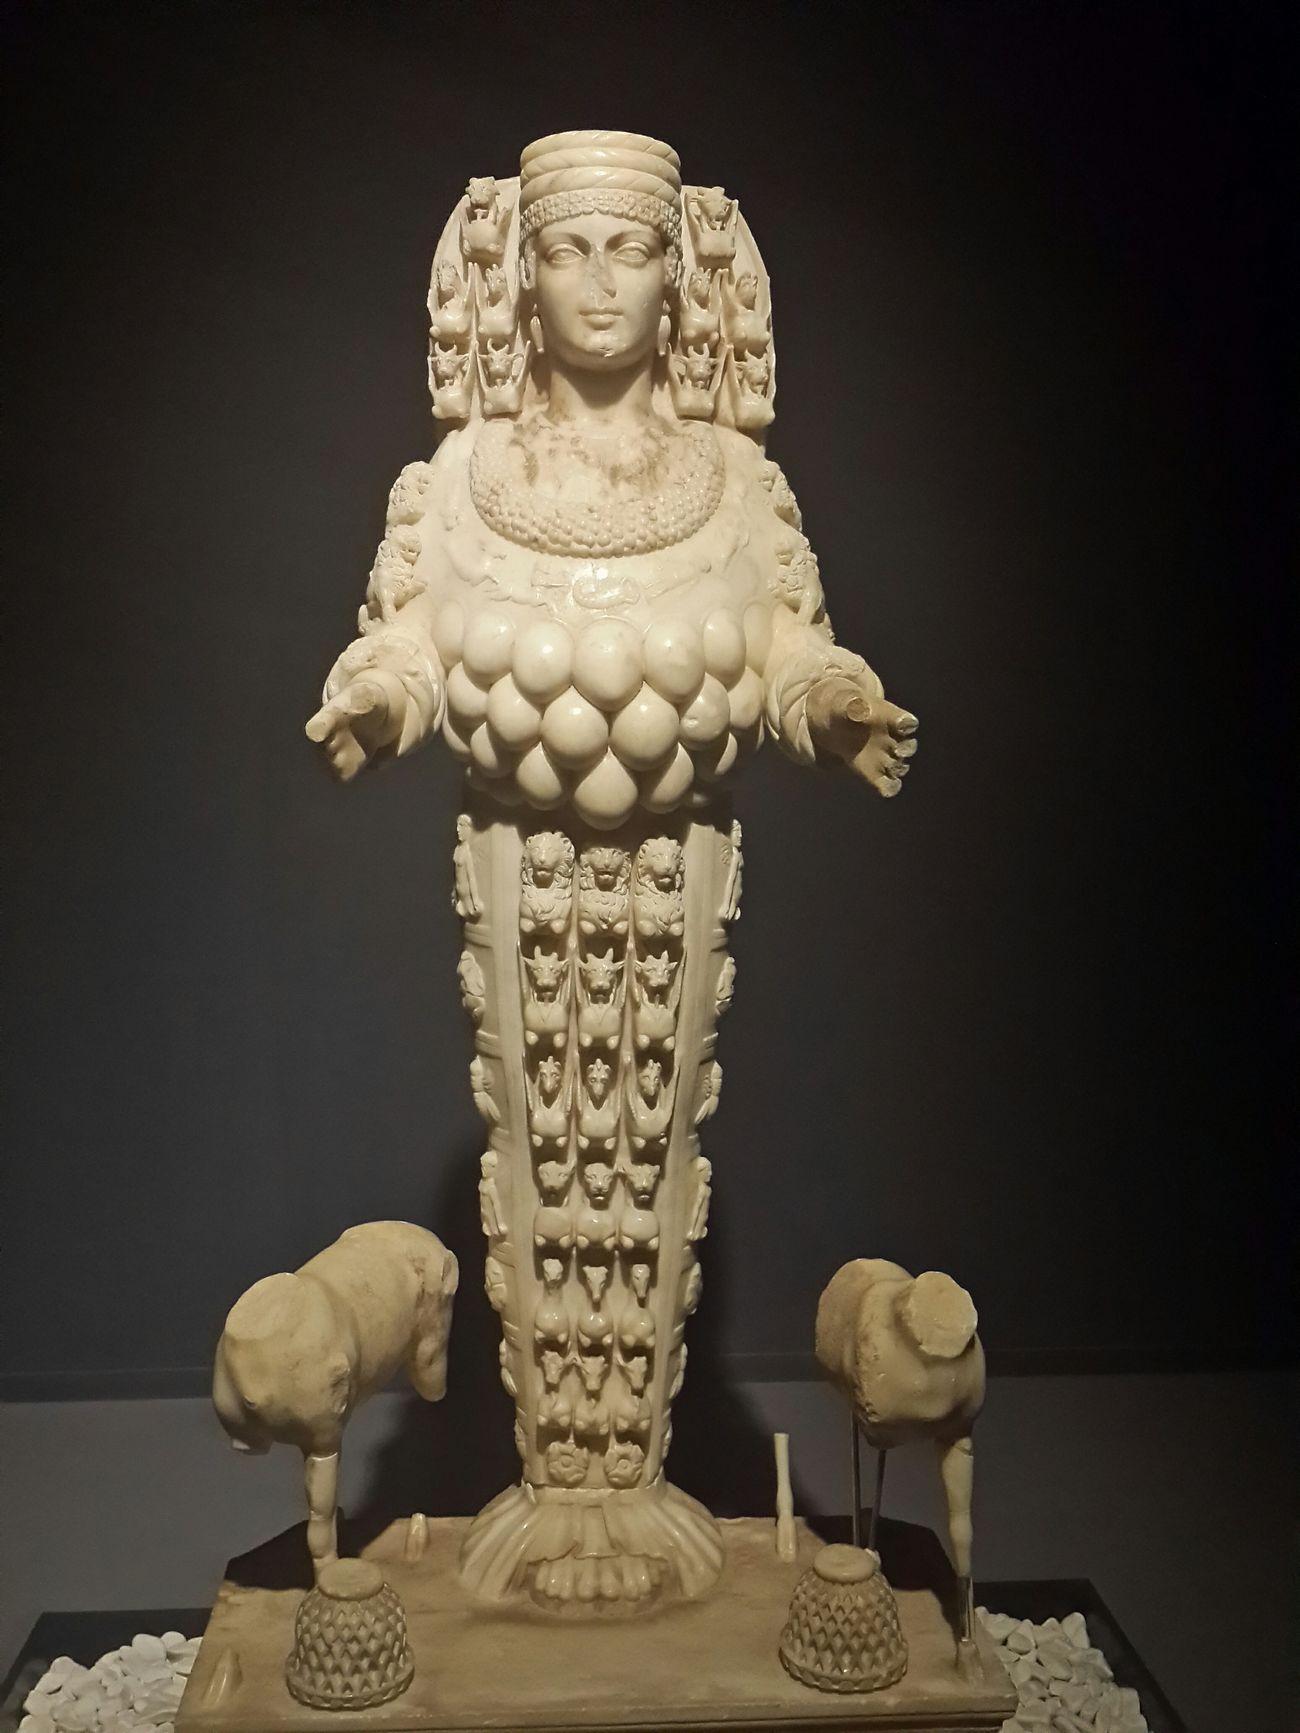 Efes Ephesus Eyeem Ephesus - Turkey Visiting Museum Müze Museum Historical Monuments Bereket Tanricasi